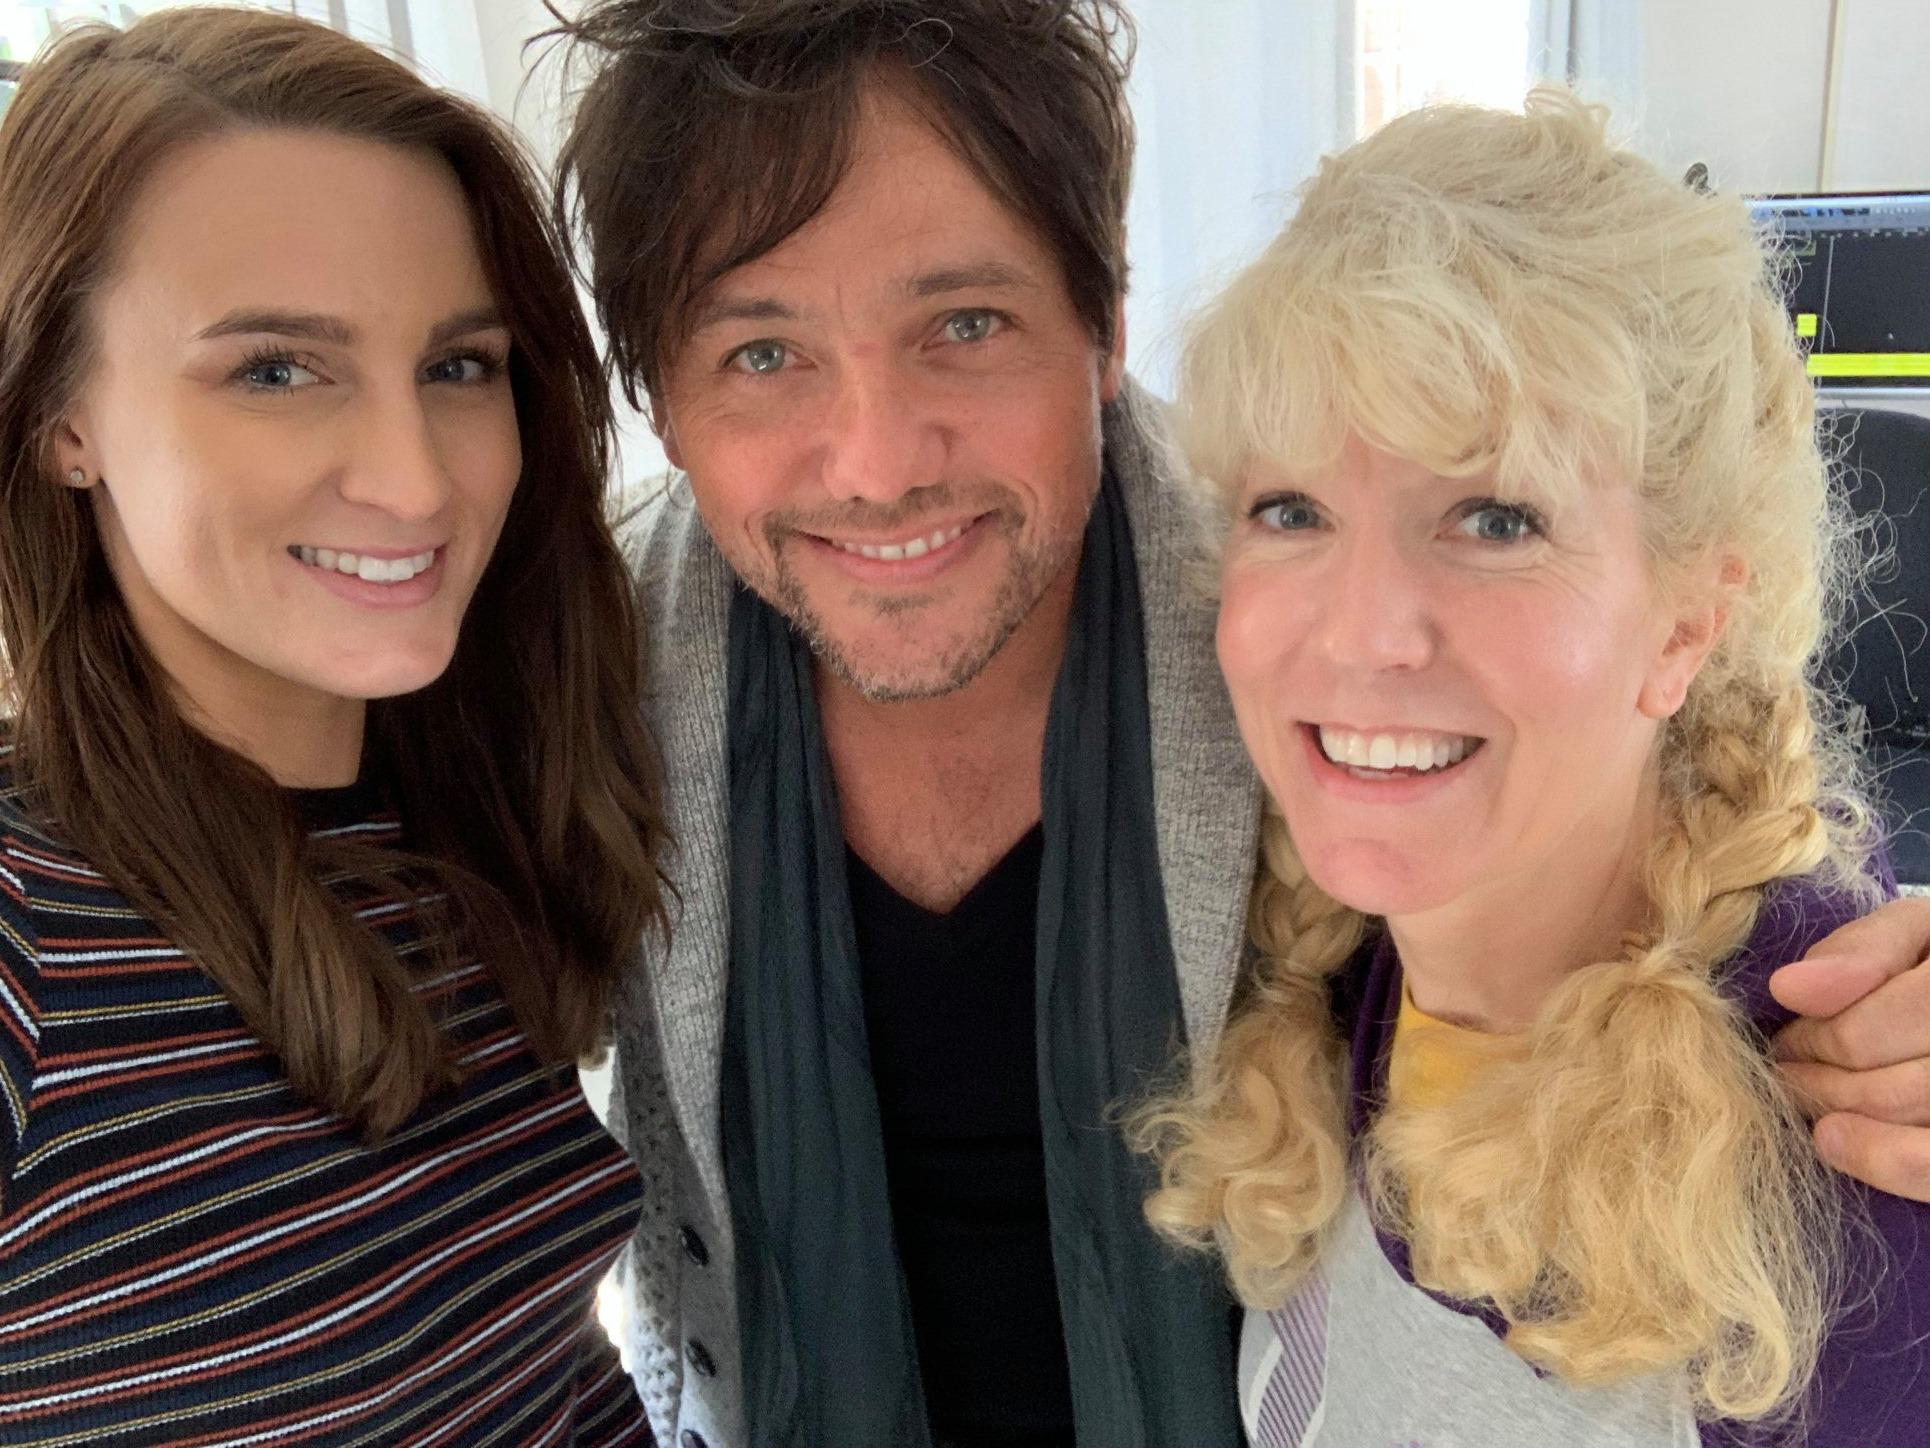 La compositora de Britney Spears Sandy Chila colabora con Susan Goforth y Maedi para la película Tema de la canción de Tomorrow's Today que se estrenará en el IDOC Drive in Festival - Hollywood, 3 de abril de 2021